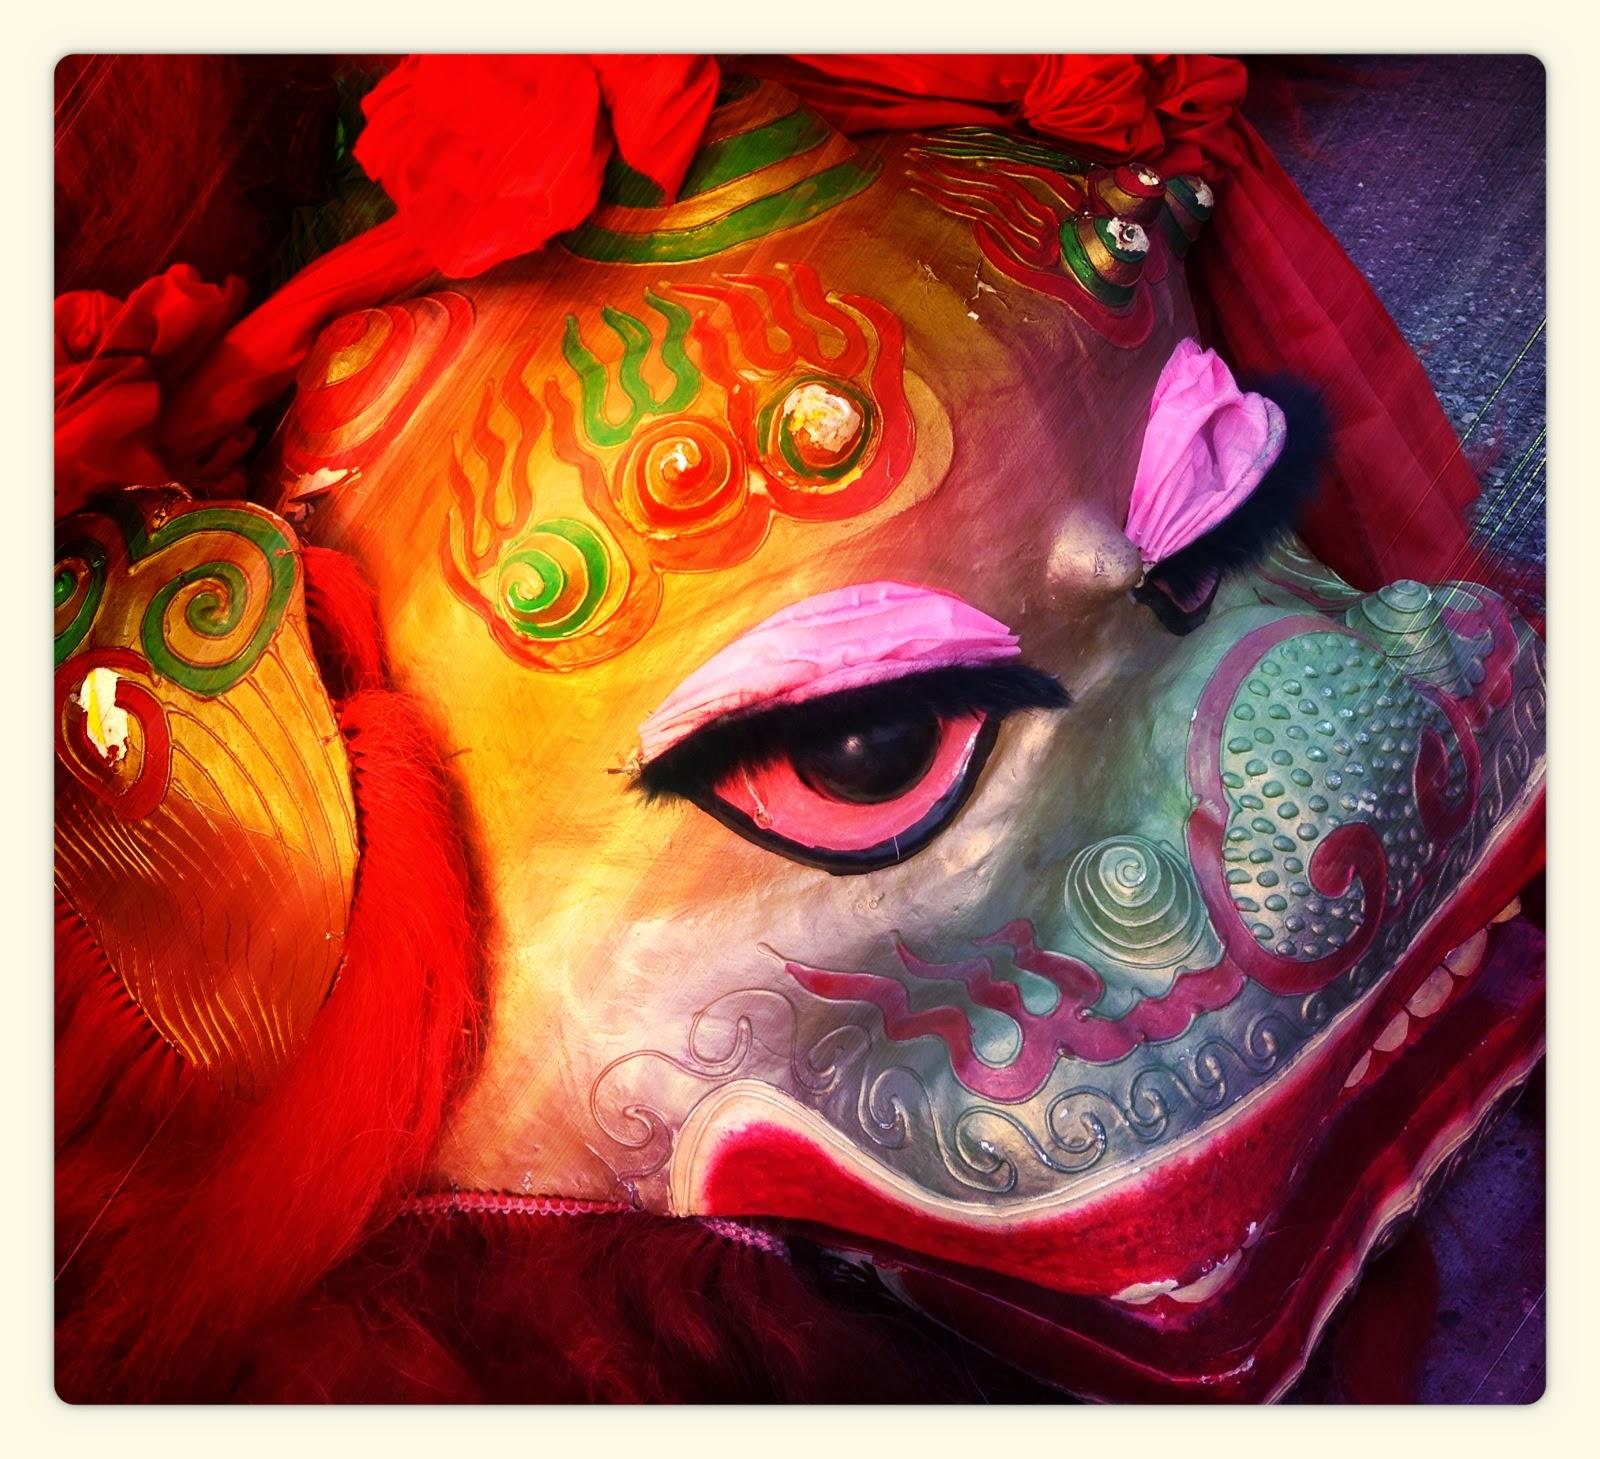 cosa fare a Milano sabato 25 gennaio e domenica 26 gennaio:Sabato e domenica: prove del capodanno cinese piazzale Fabbrica del Vapore